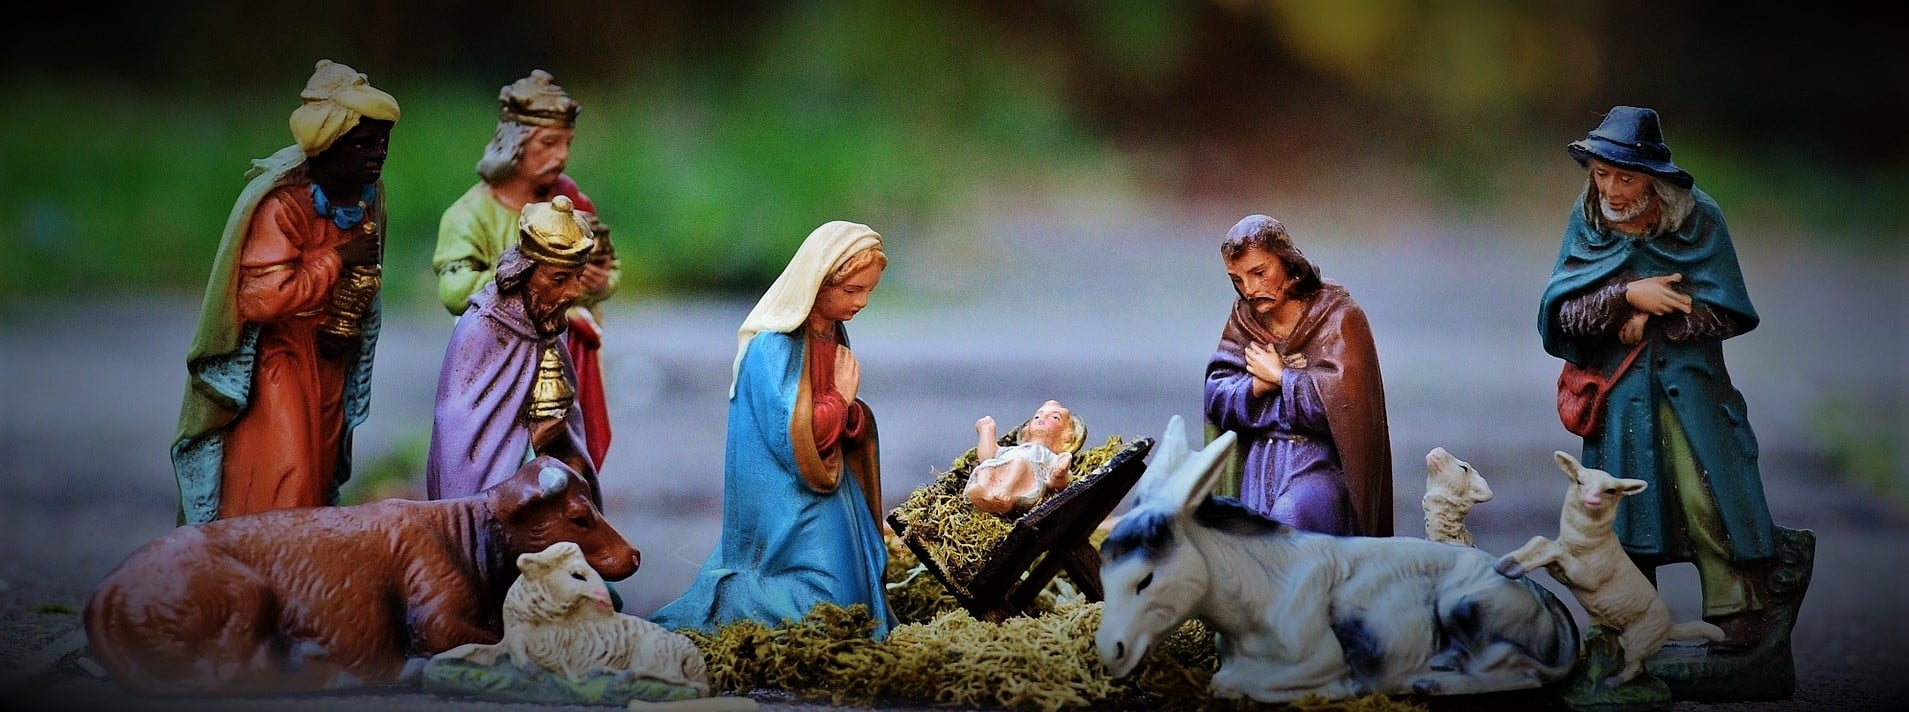 """""""Det var på den tiden då man firade julen till minne av Jesu födelse"""""""